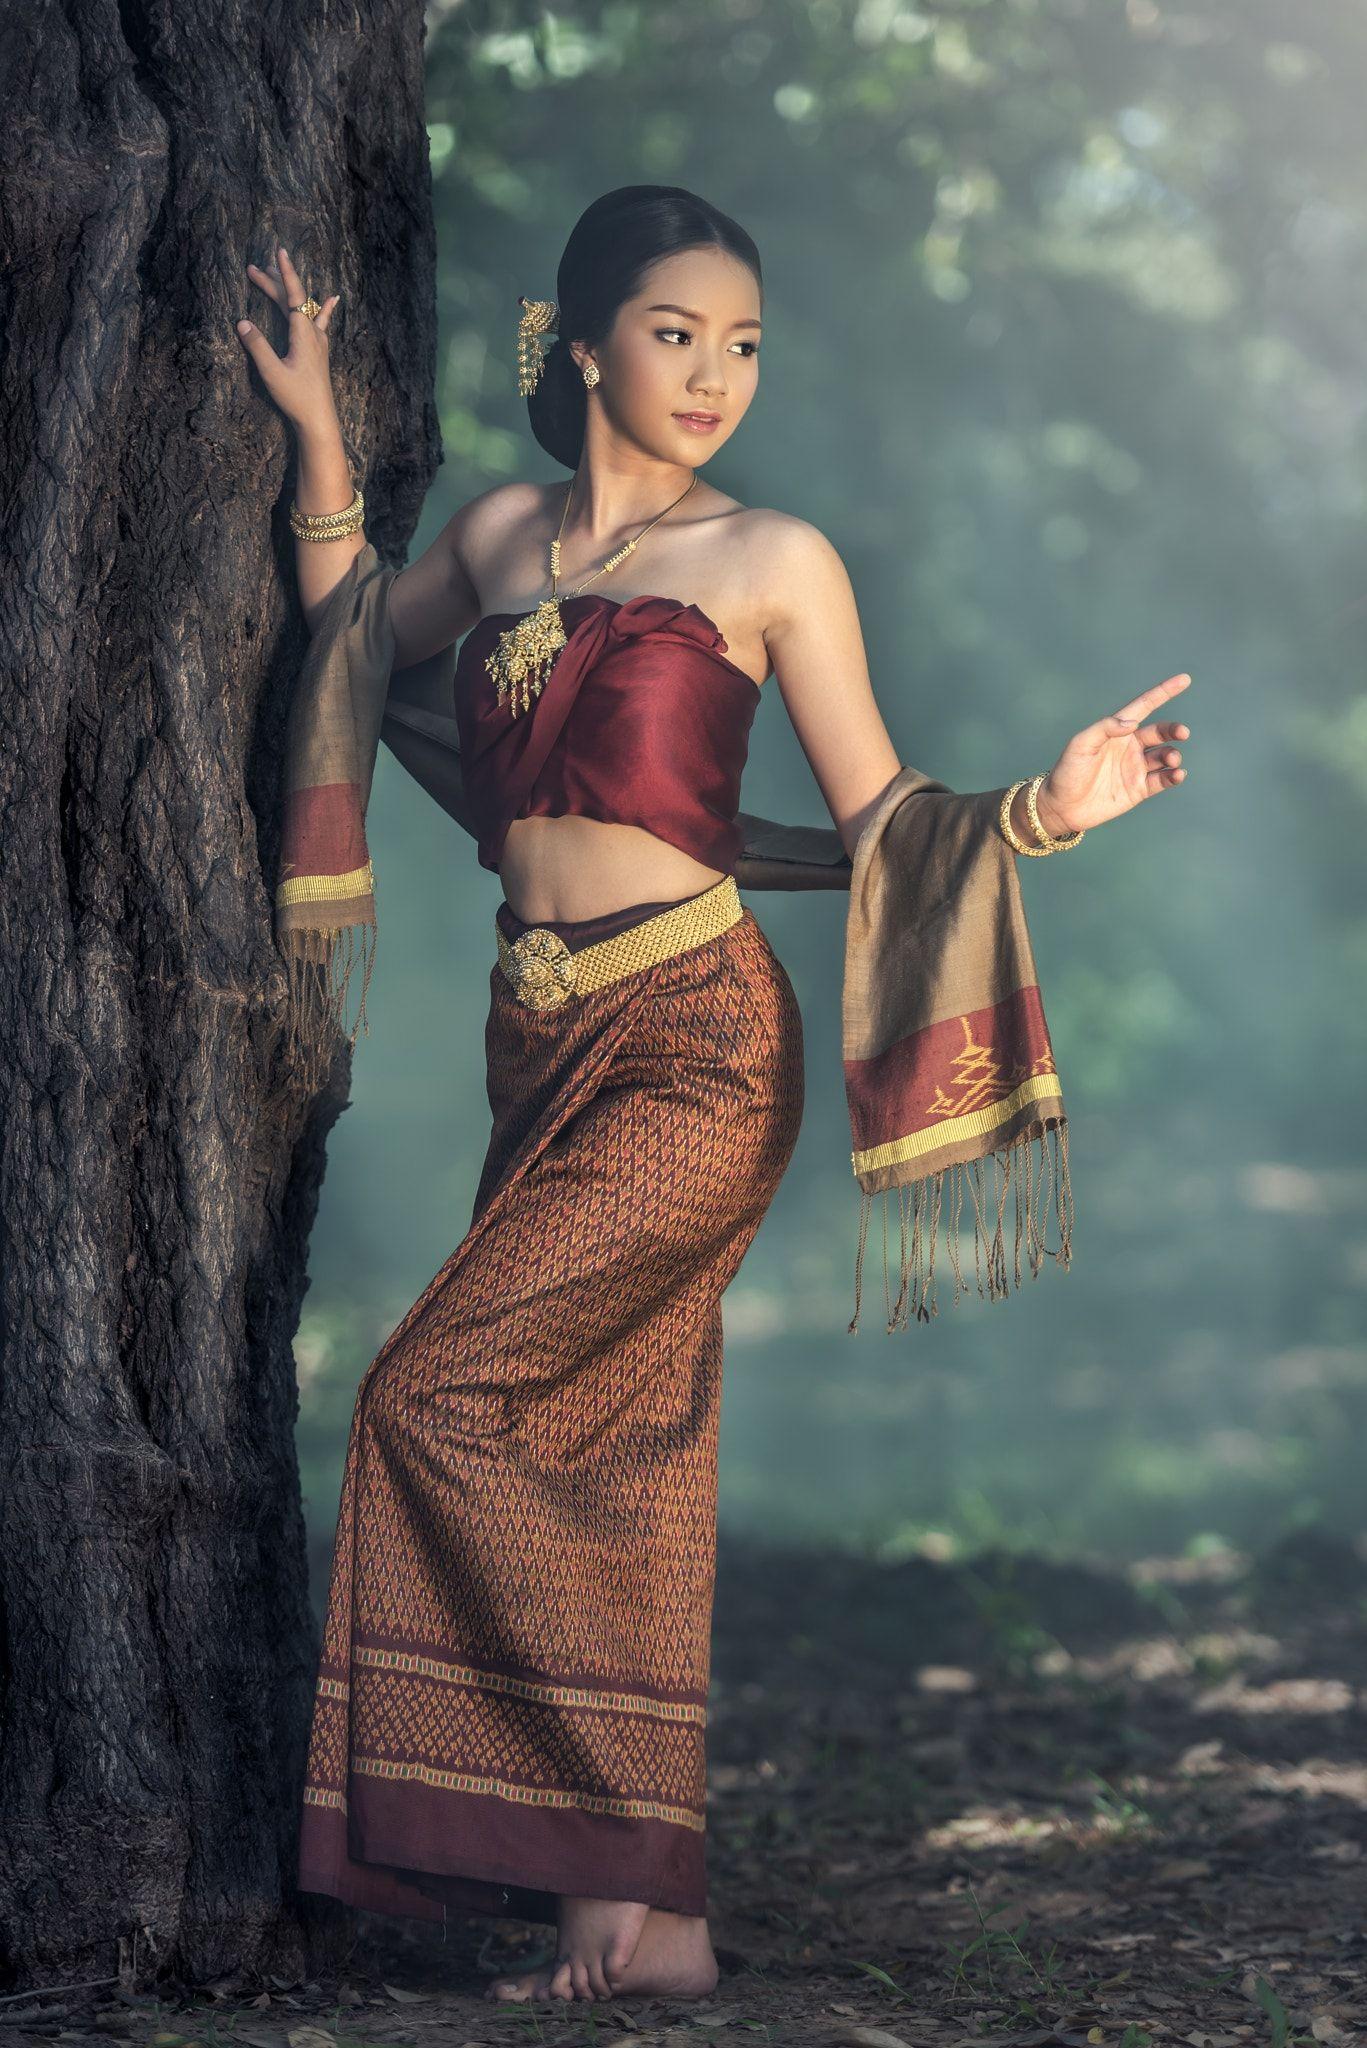 Asian sarong woman nude